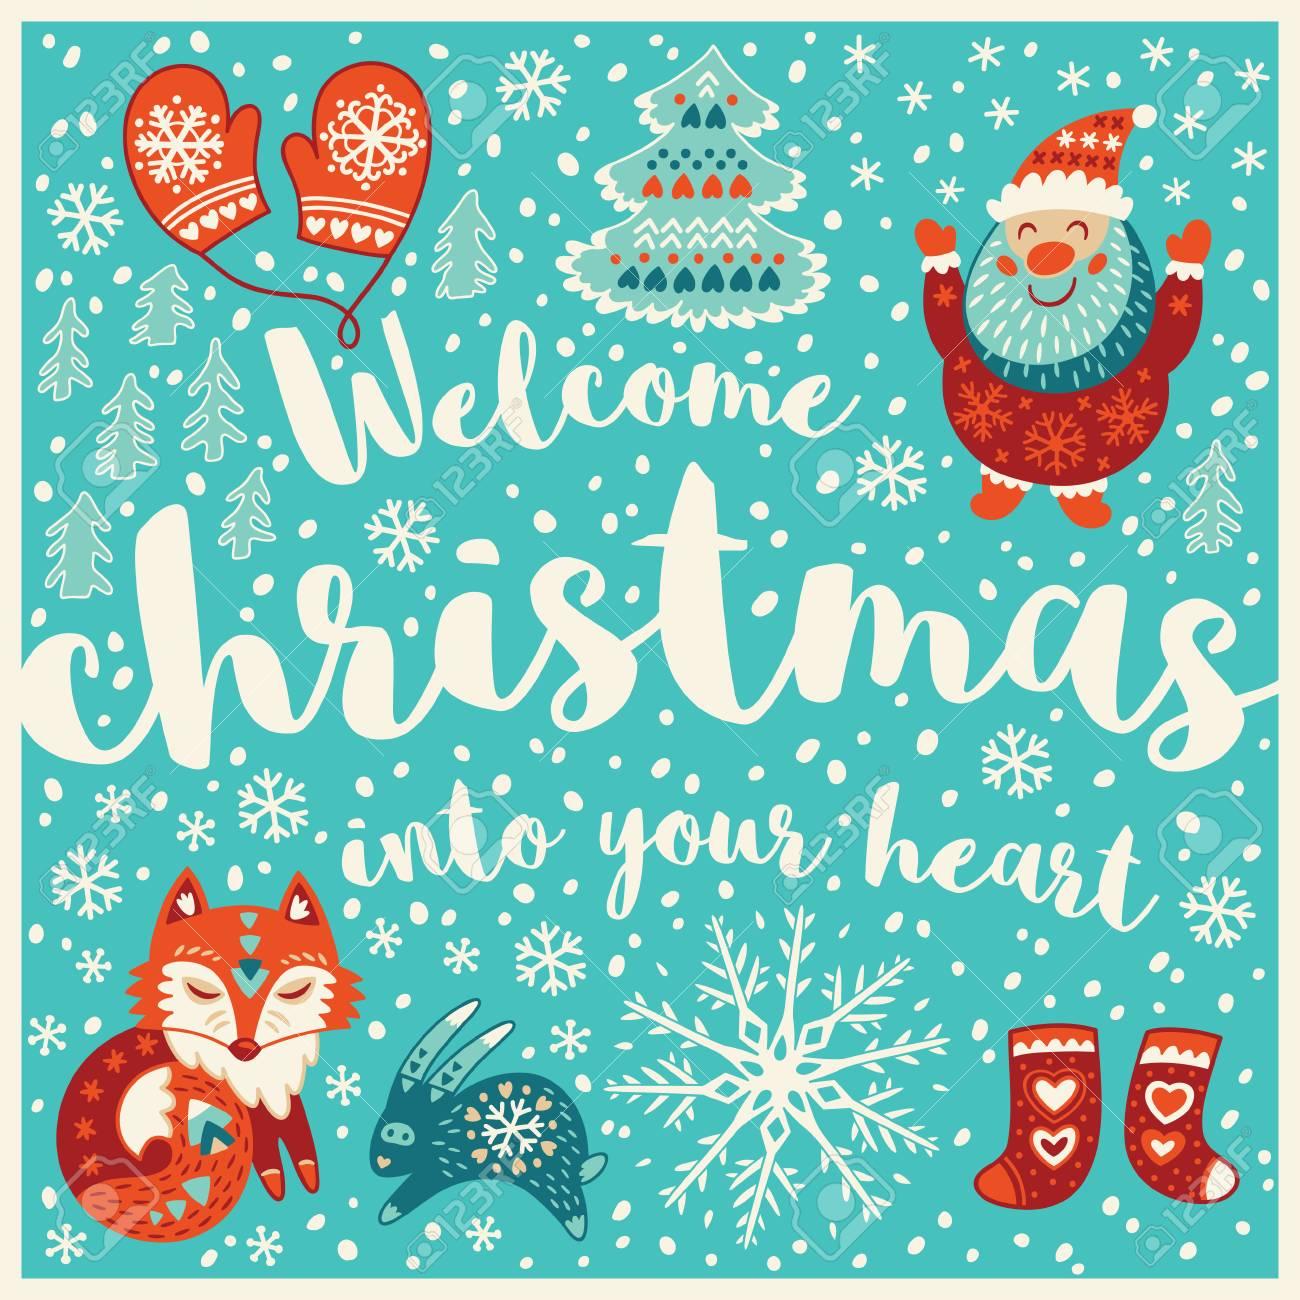 Willkommen Weihnachten In Ihrem Herzen. Feiertagswünsche Hintergrund ...